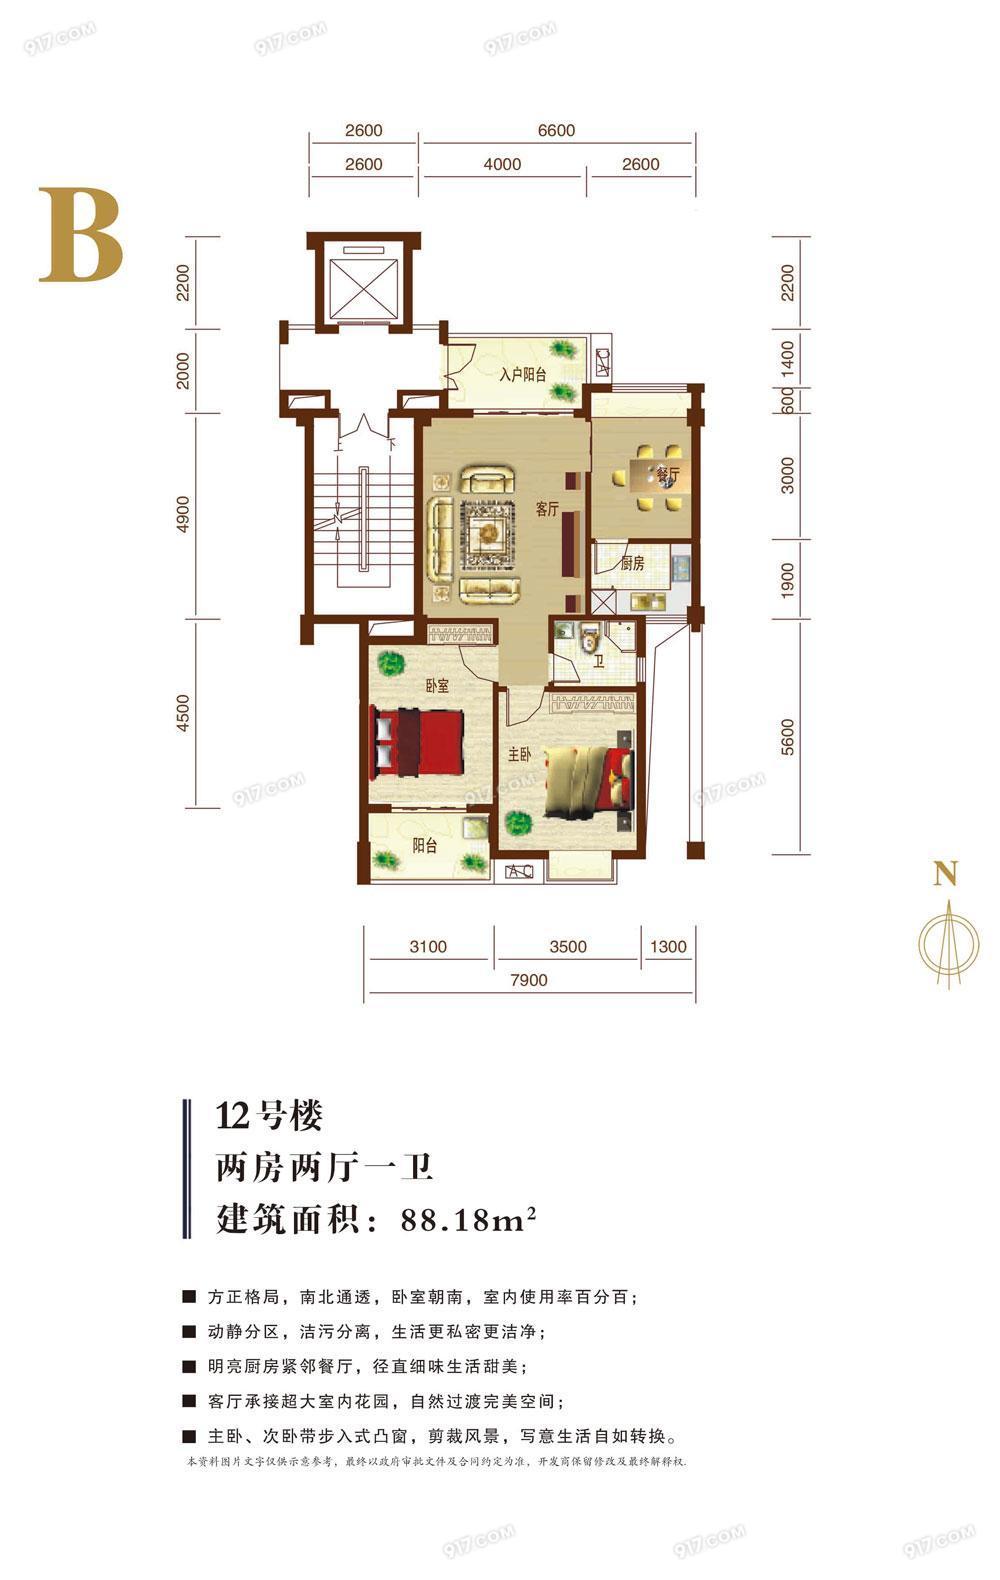 12#楼 2房2厅1卫 88平